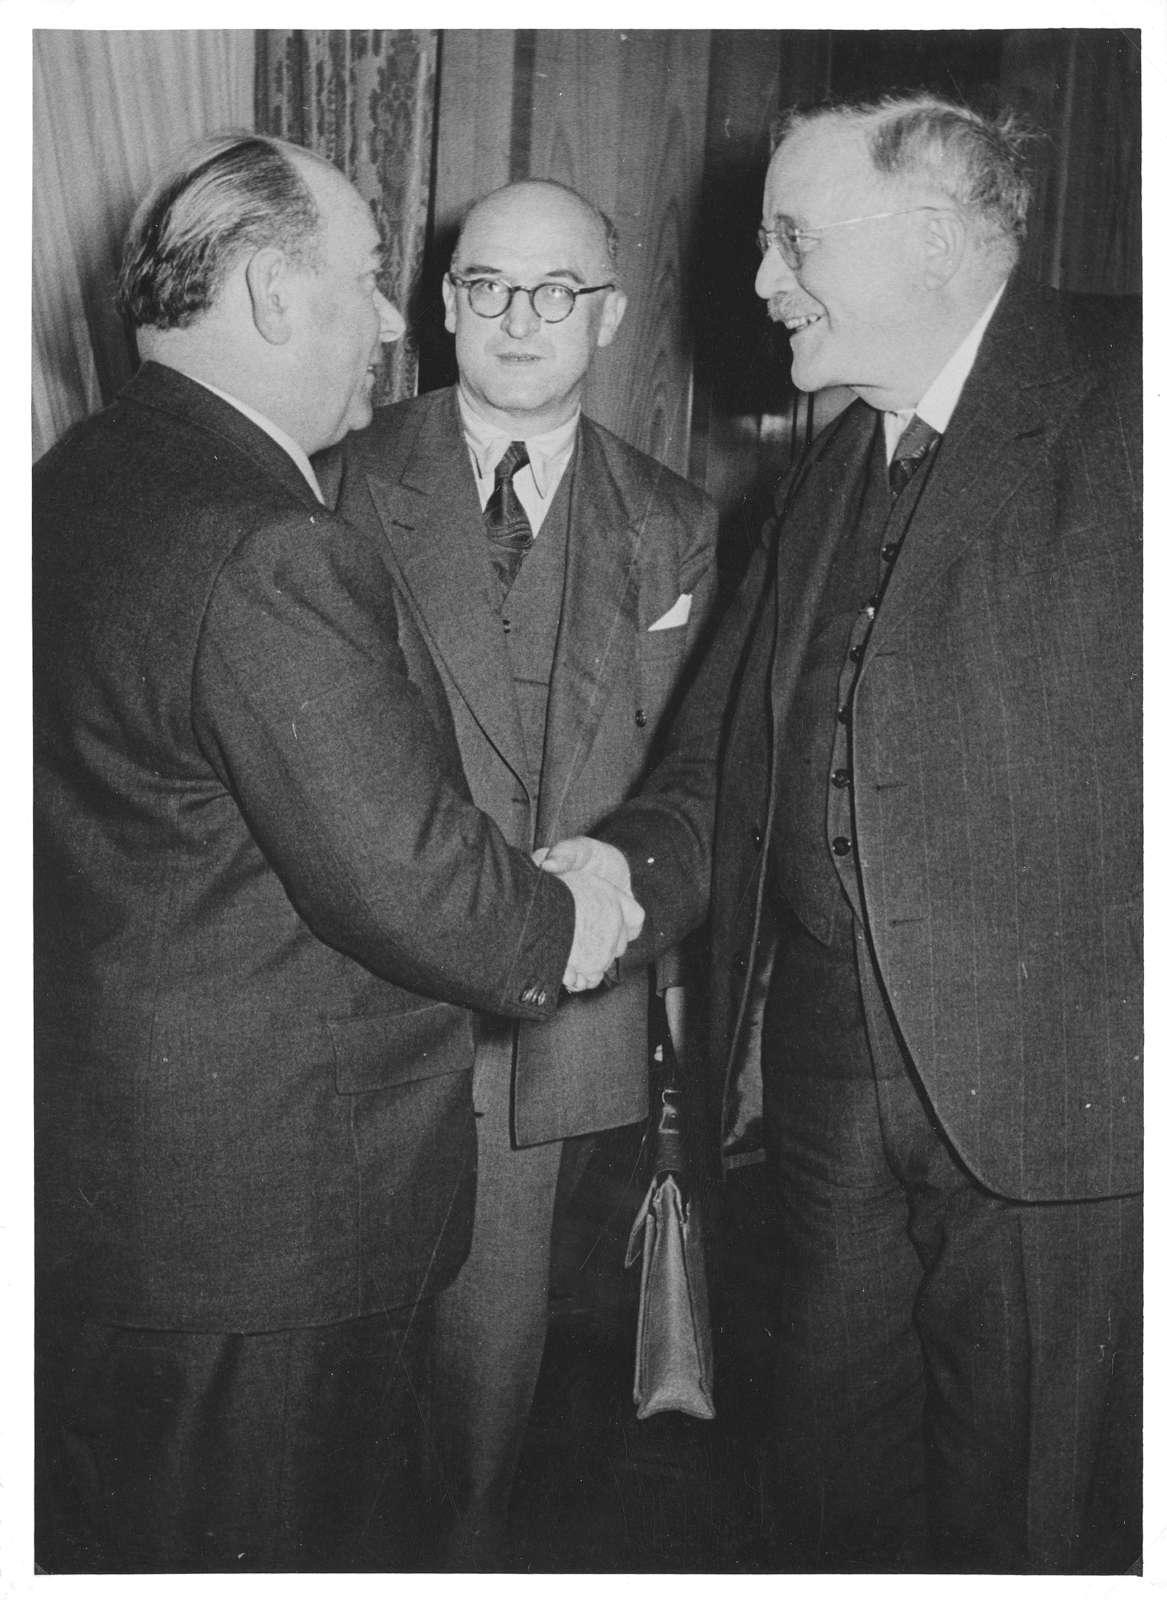 Album mit Fotos vor allem von Ereignissen aus dem politischen und öffentlichen Leben 1950-1953, Bild 2